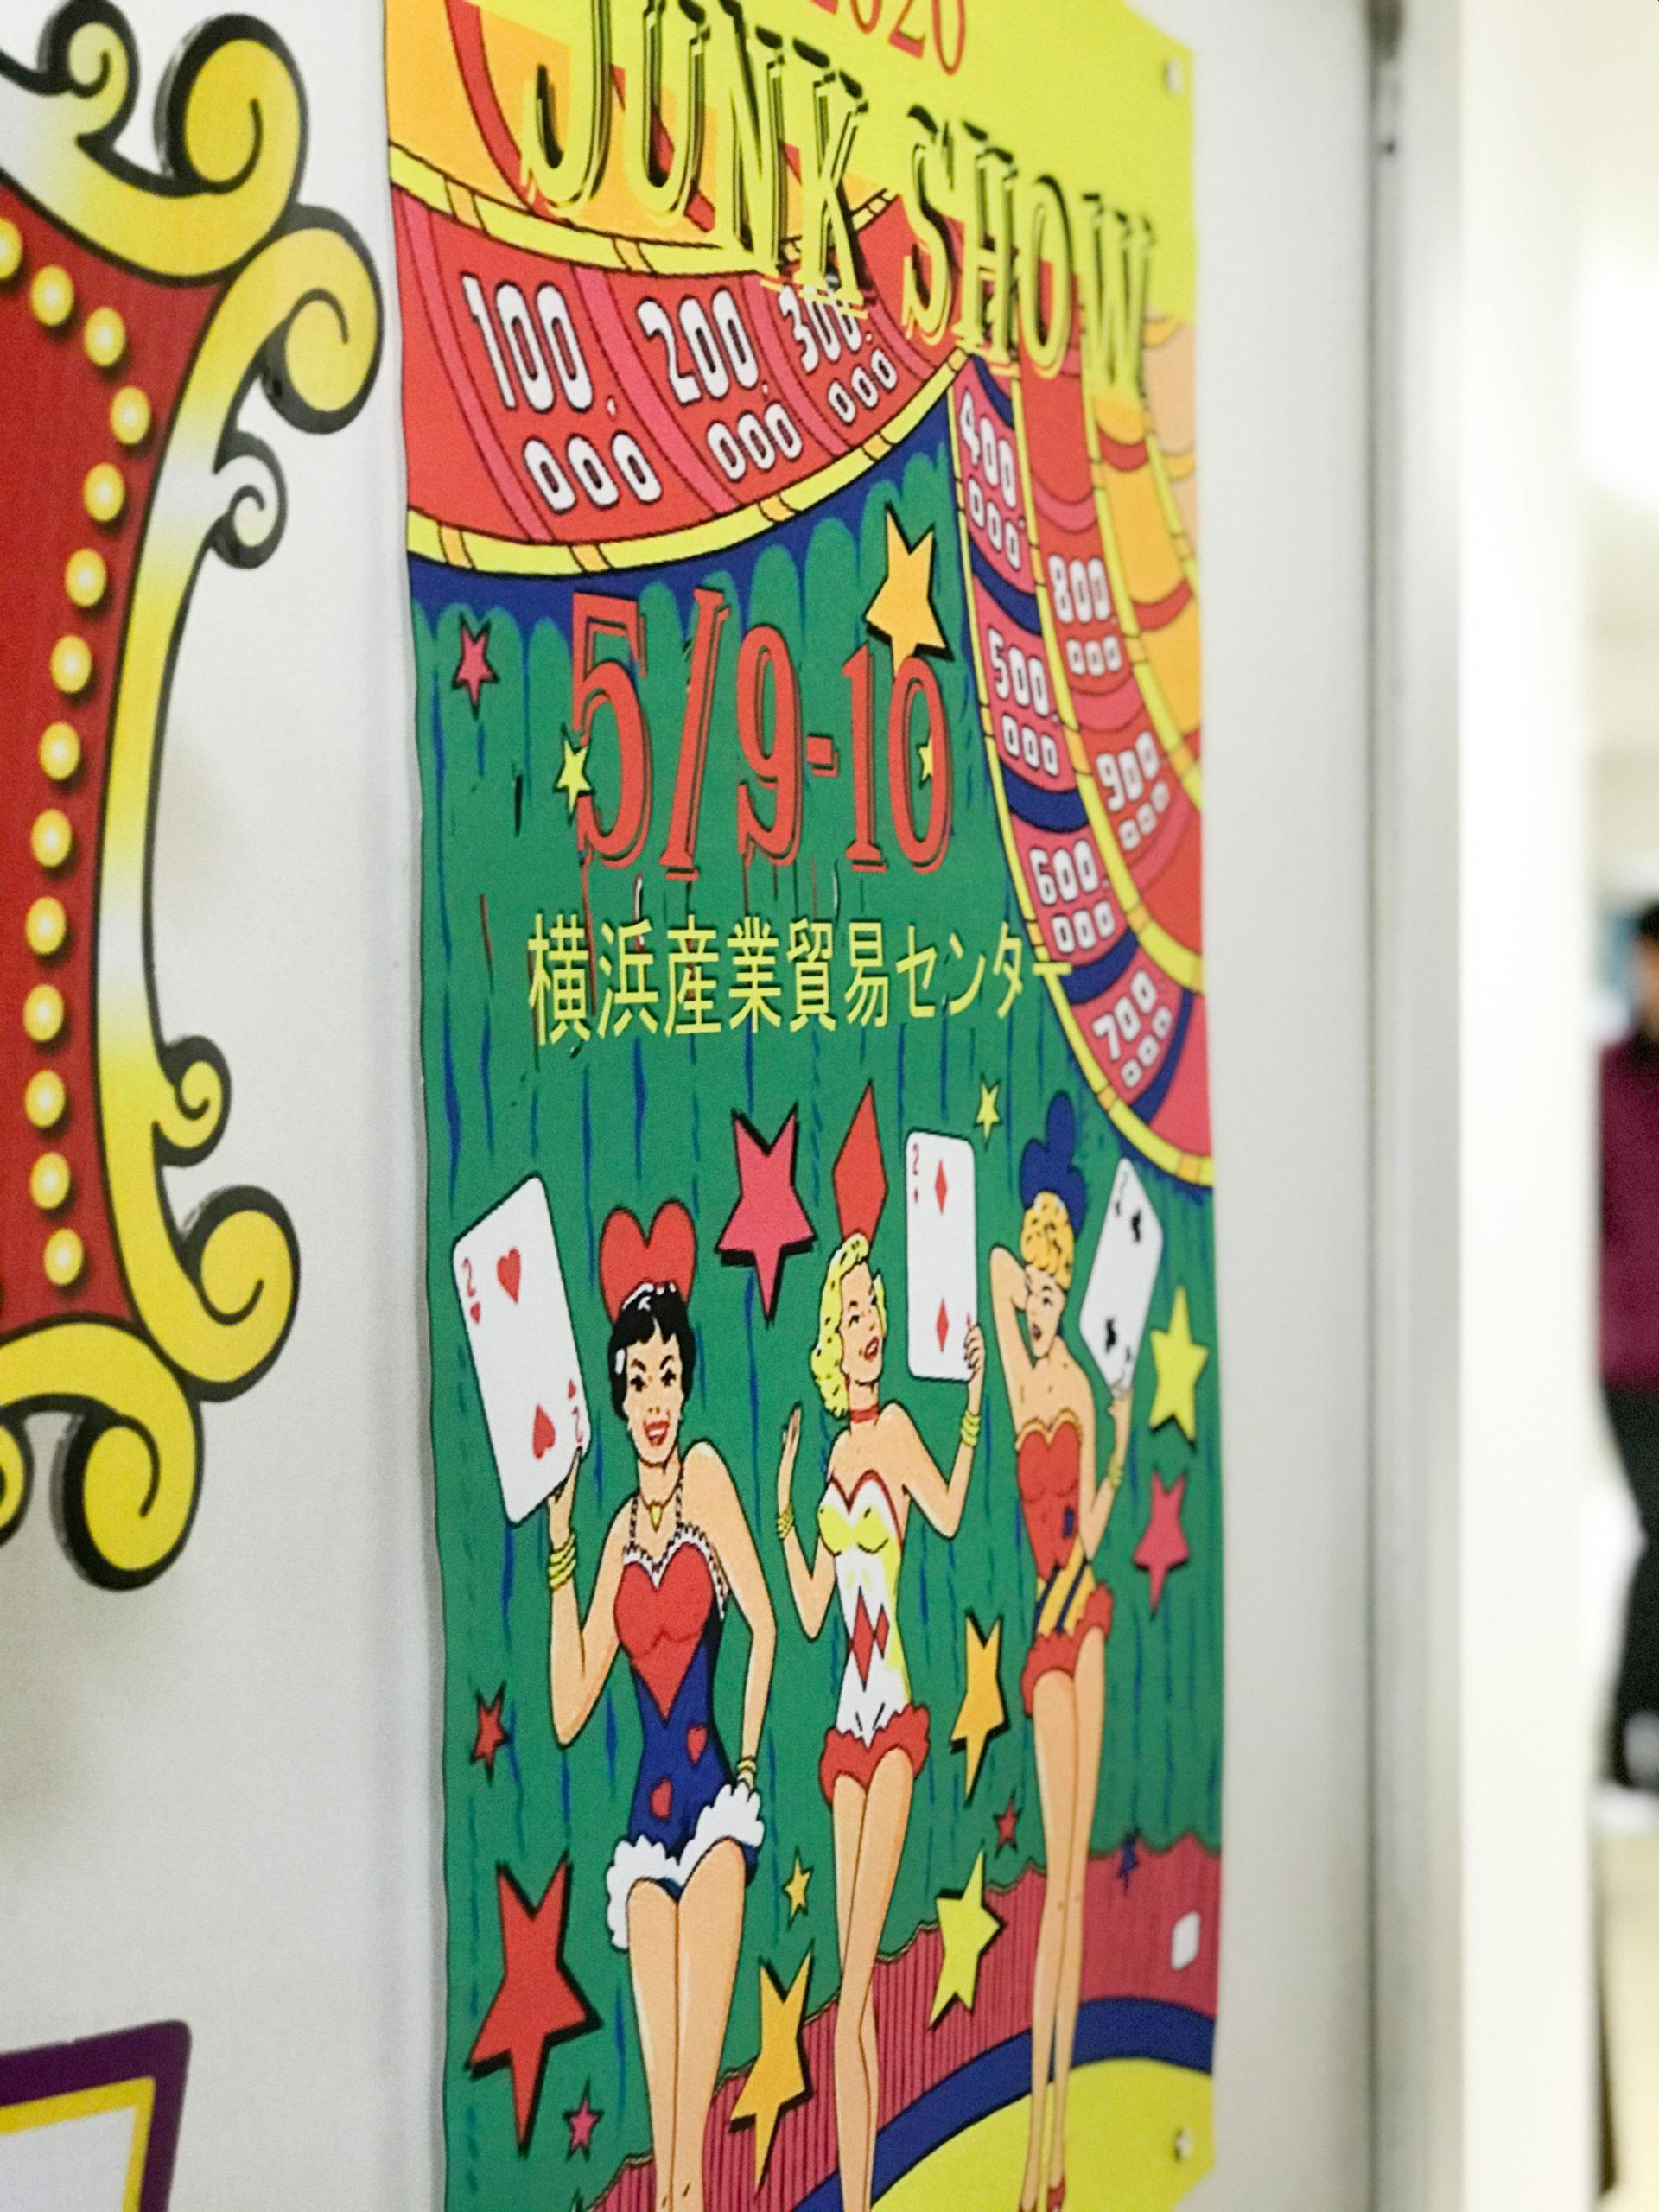 ジャンクショー2020年5月9、10日は横浜開催